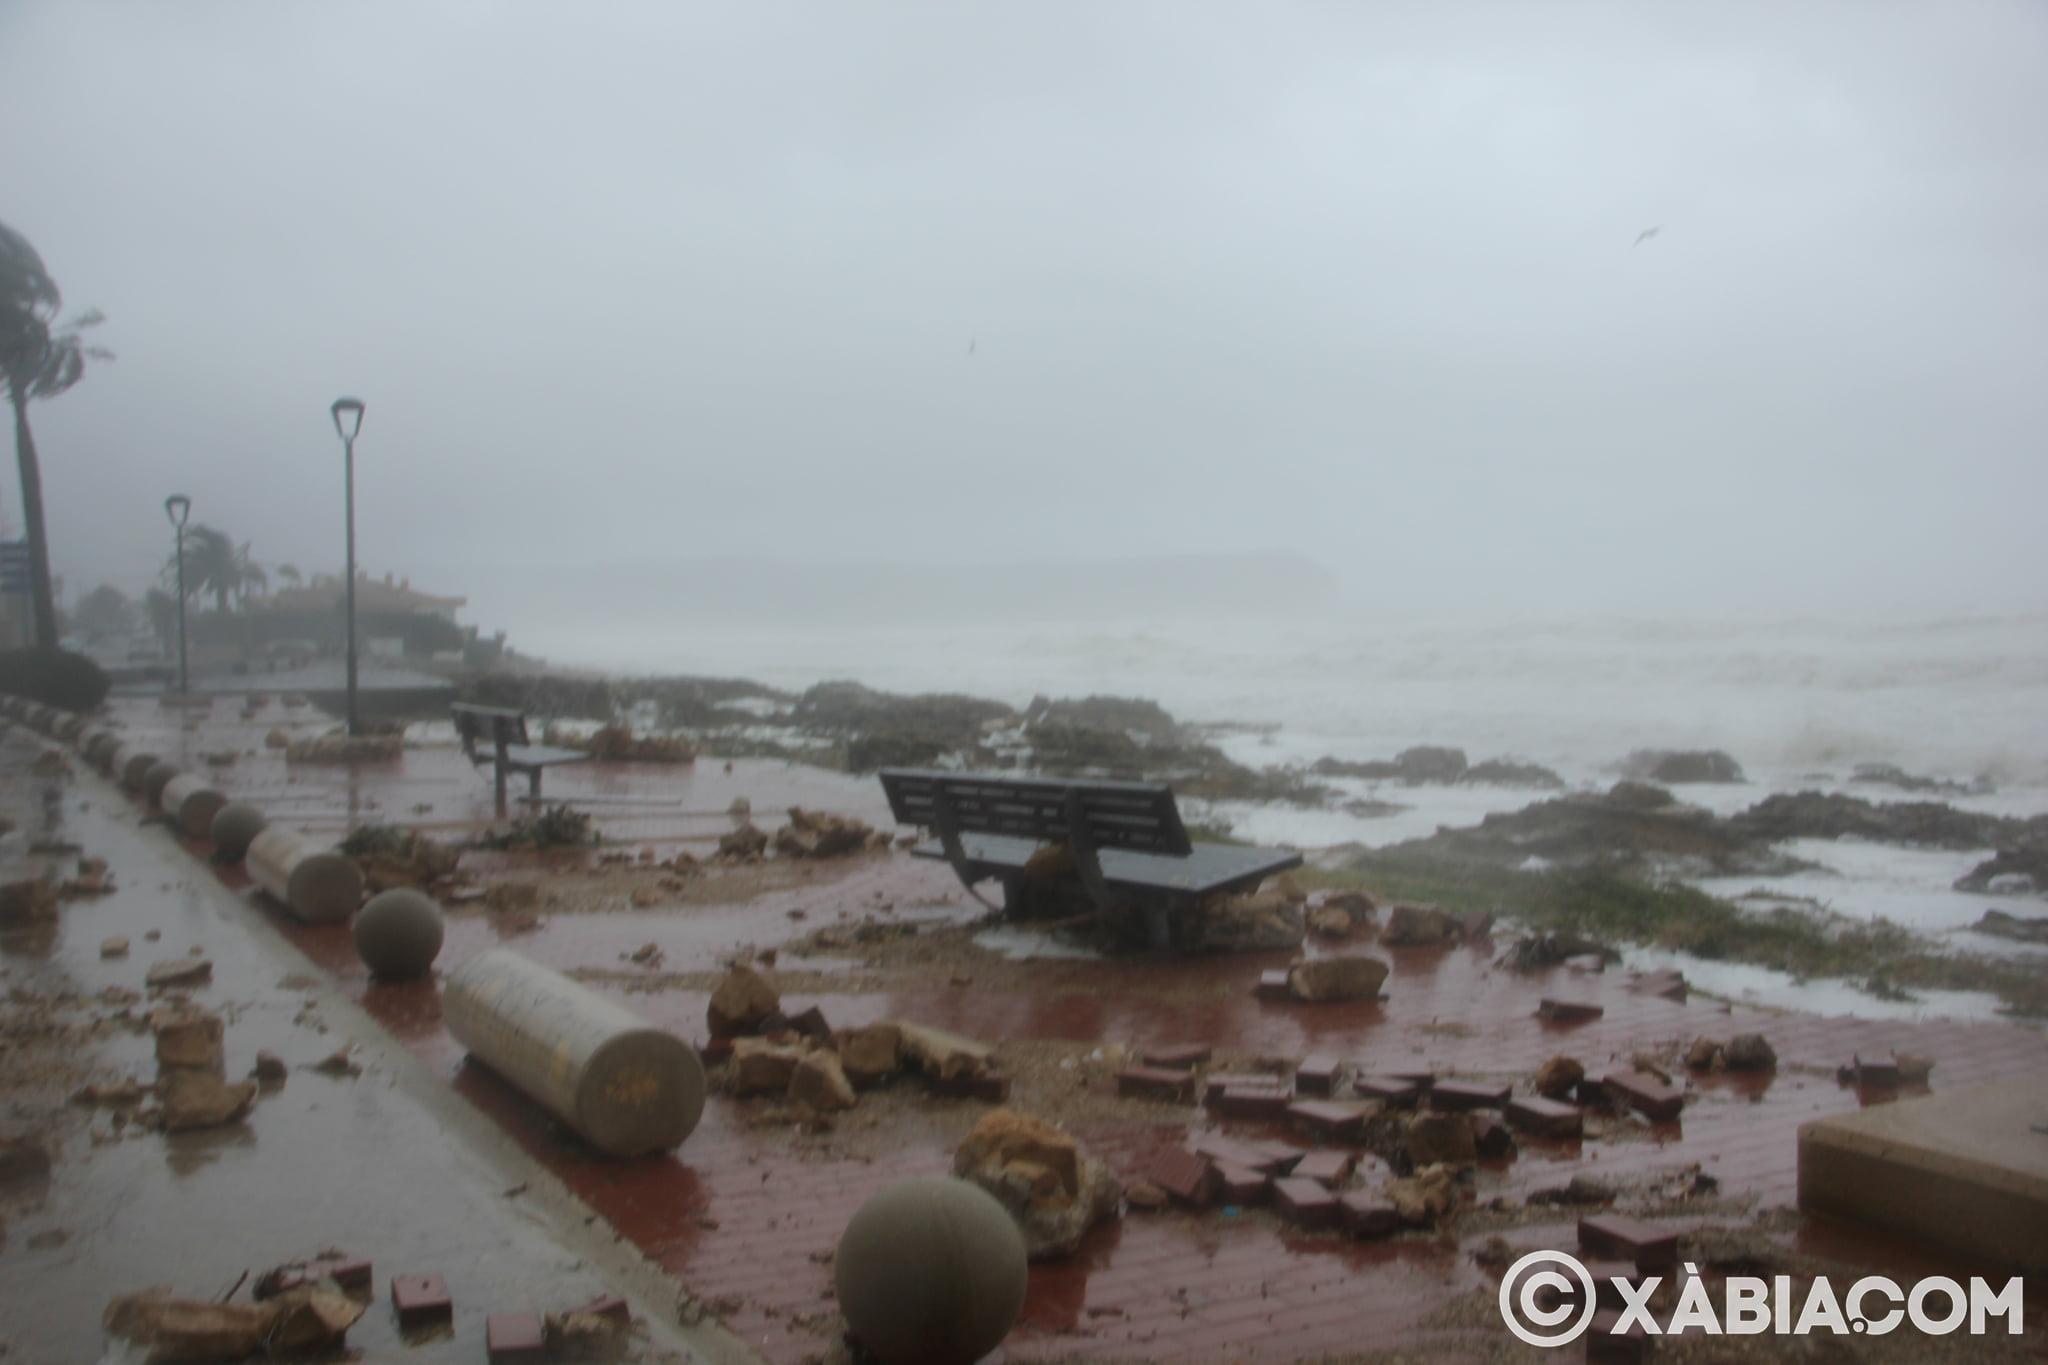 Brandelli di pioggia, vento e mare in Xàbia (13)